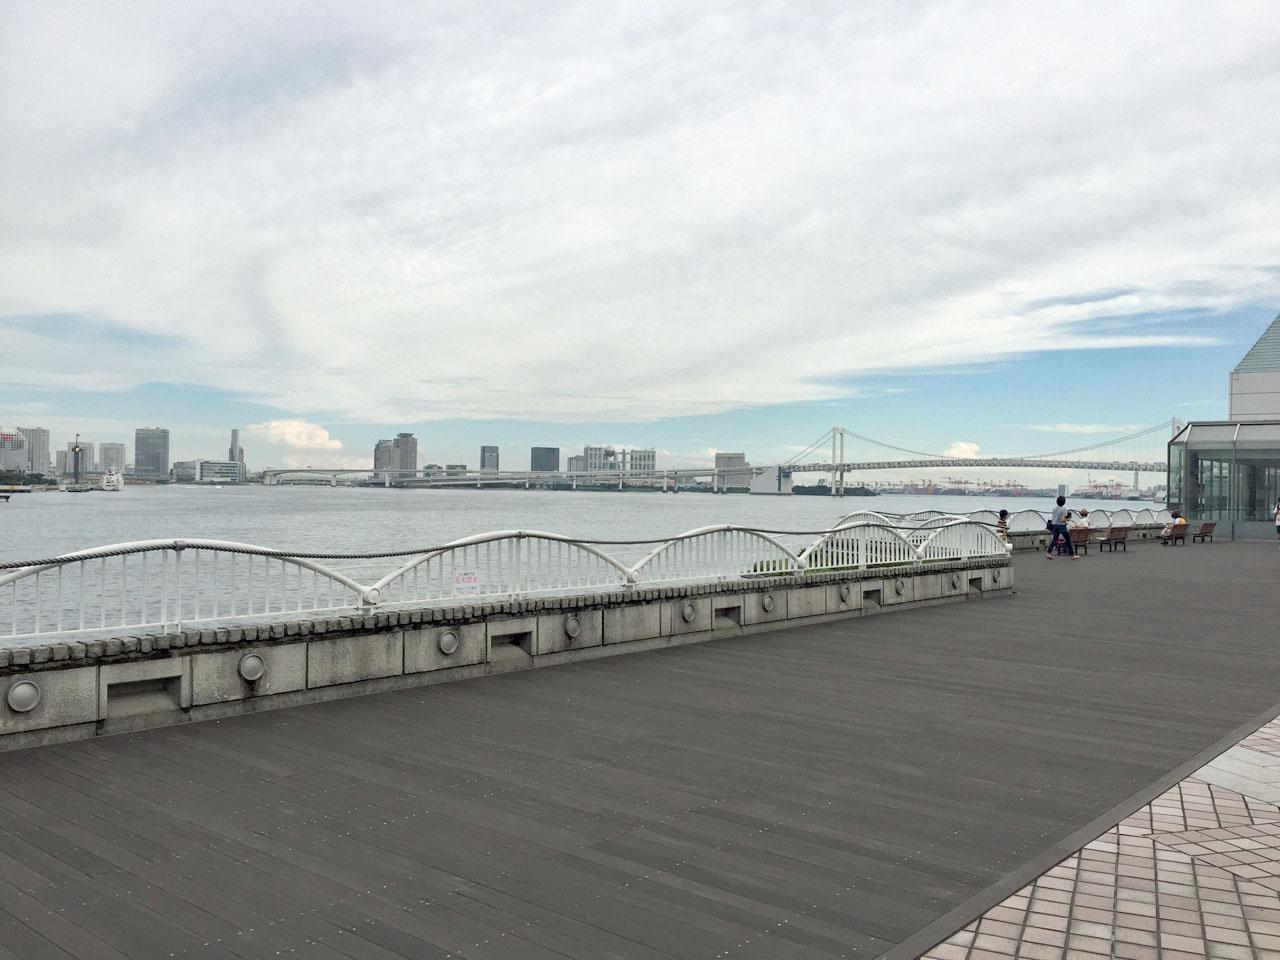 今週はほのおポケモンの「ロコン」が頻繁に出るという東京は竹芝へ。ゆりかもめの竹芝駅を出てすぐの埠頭のデッキを行ったり来たりで、ロコンをはじめとしたいろんなポケモン出ます。同じ目的っぽいトレーナーさんもちらほらいました